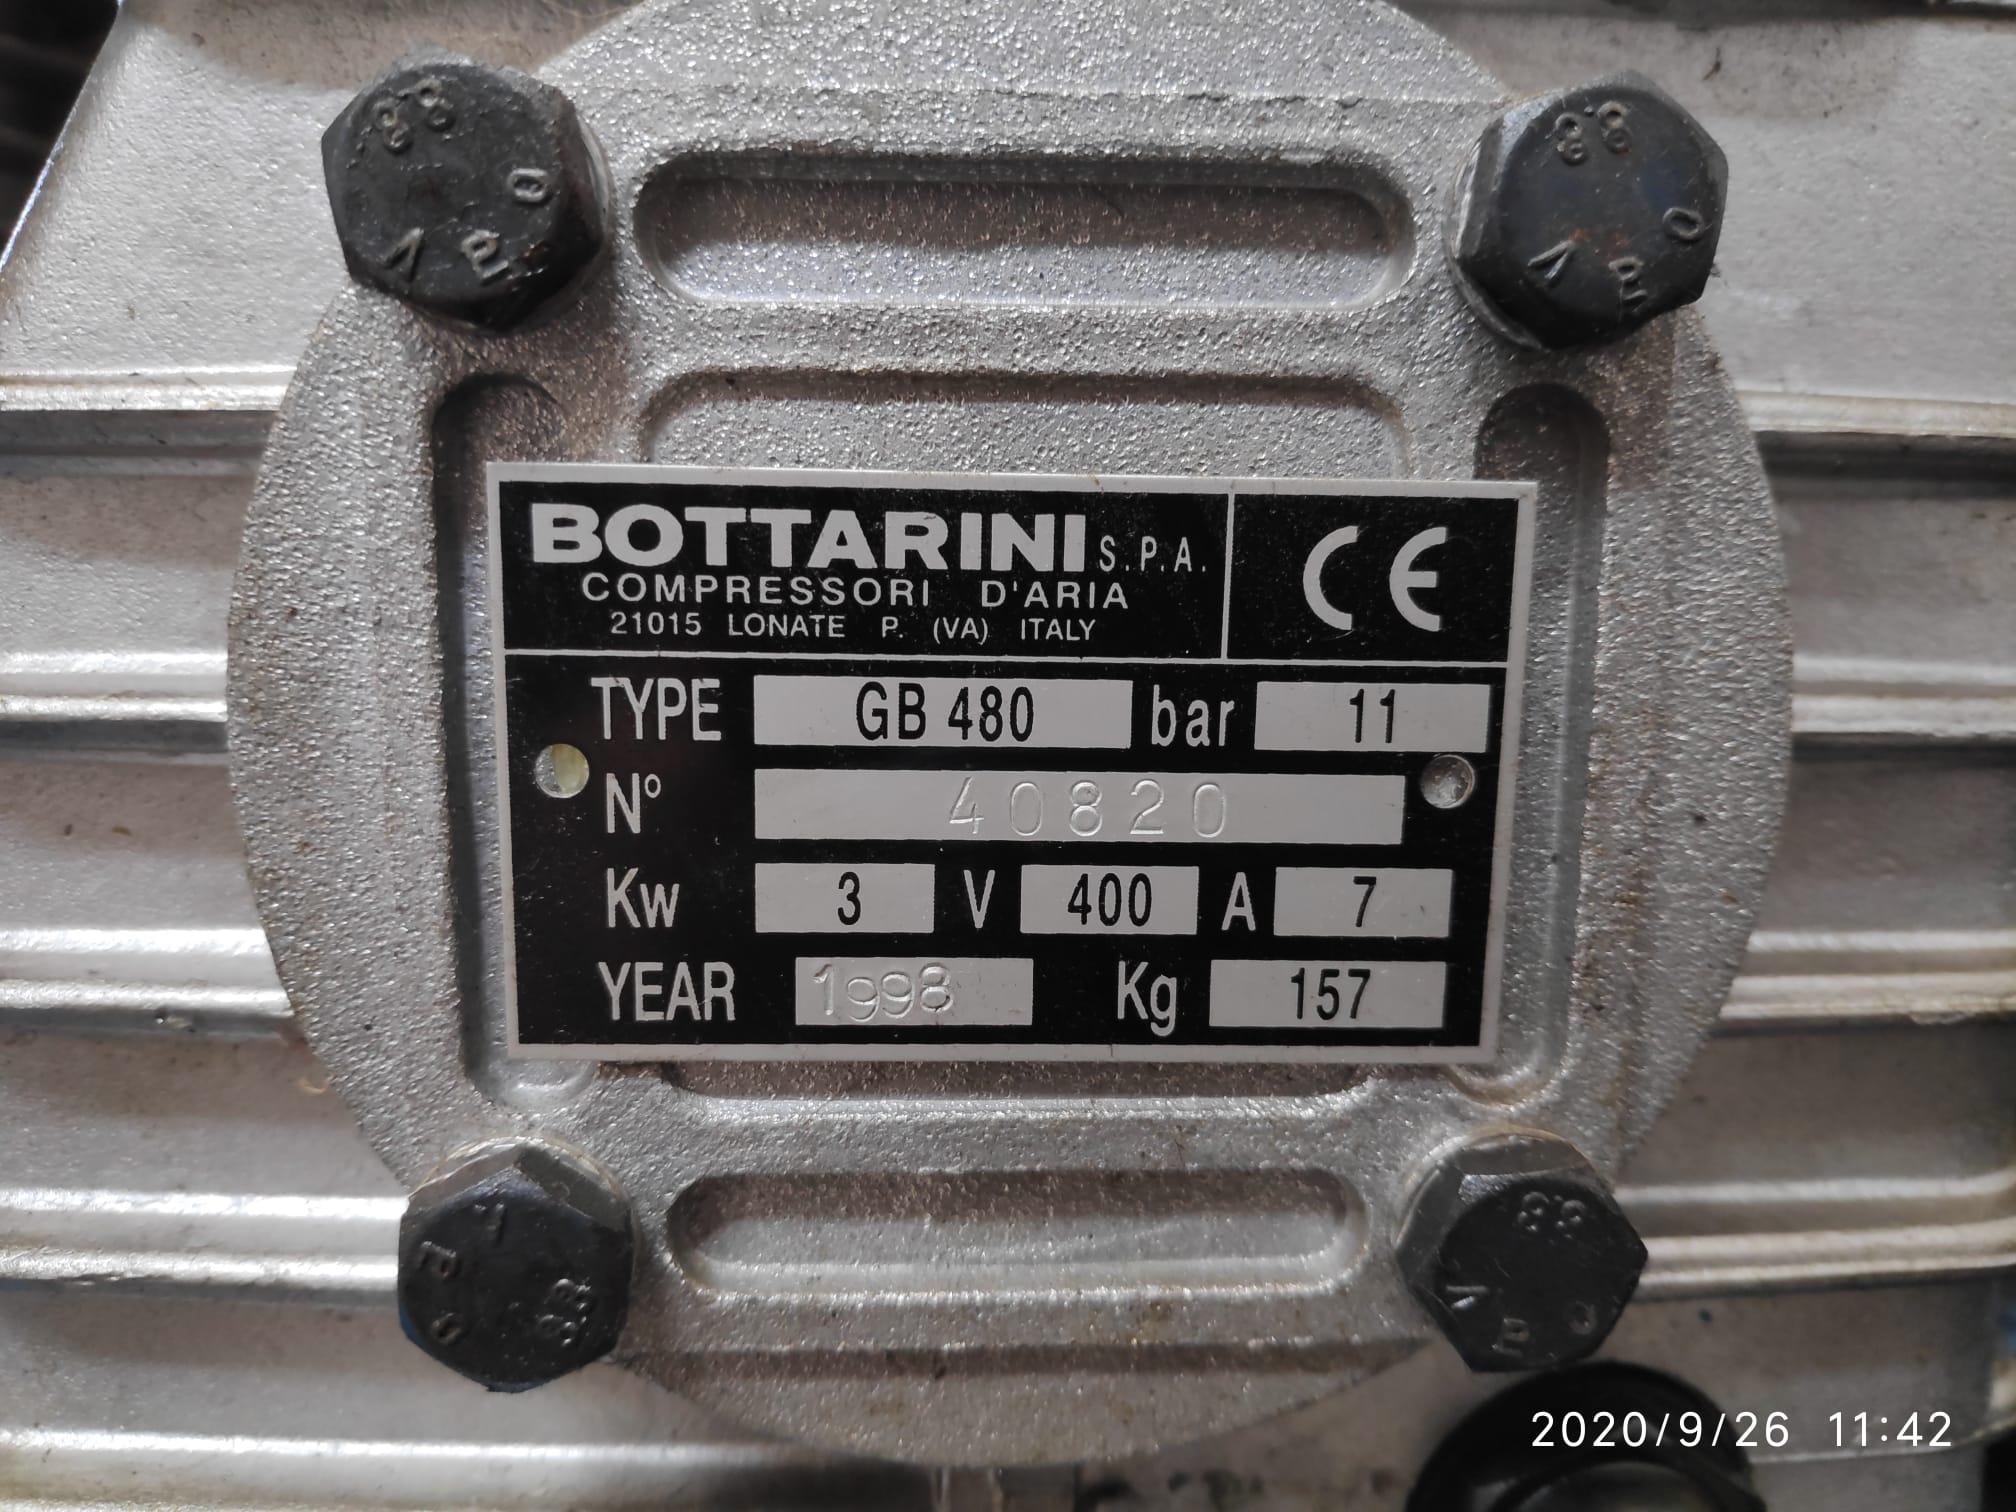 COMPRESSORE BOTTARINI 300LT in vendita - foto 2